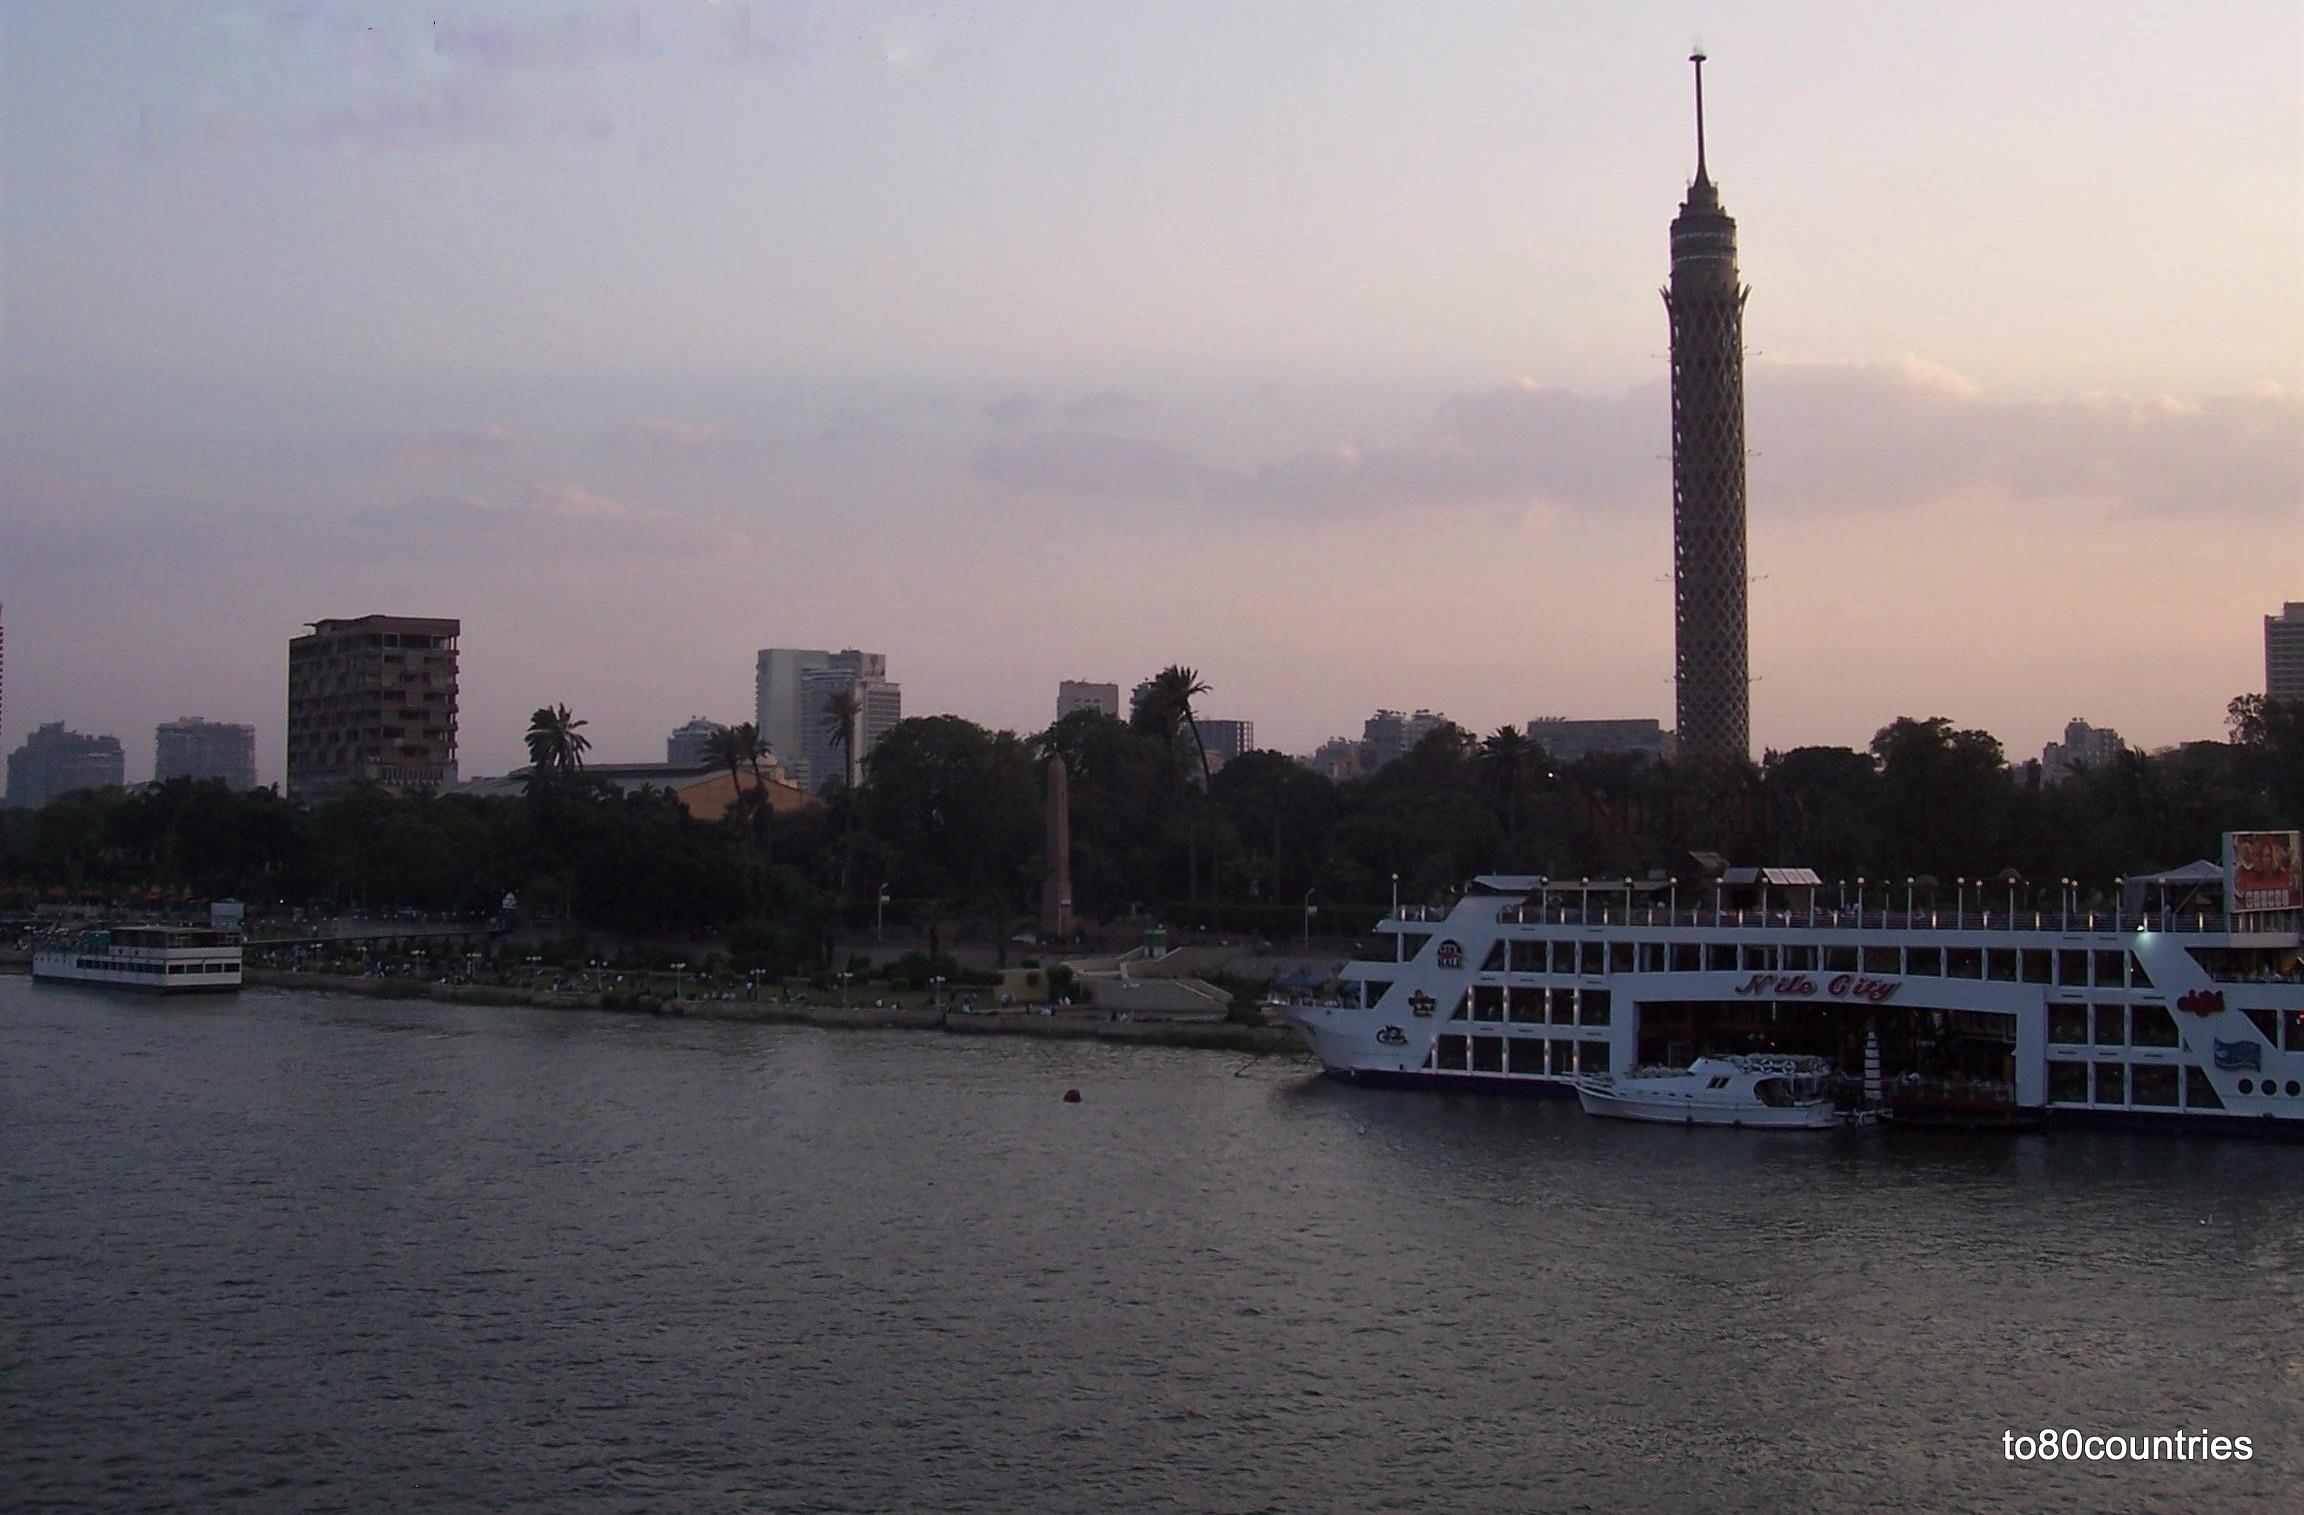 Schiffsrestaurant Nile City - Kairo